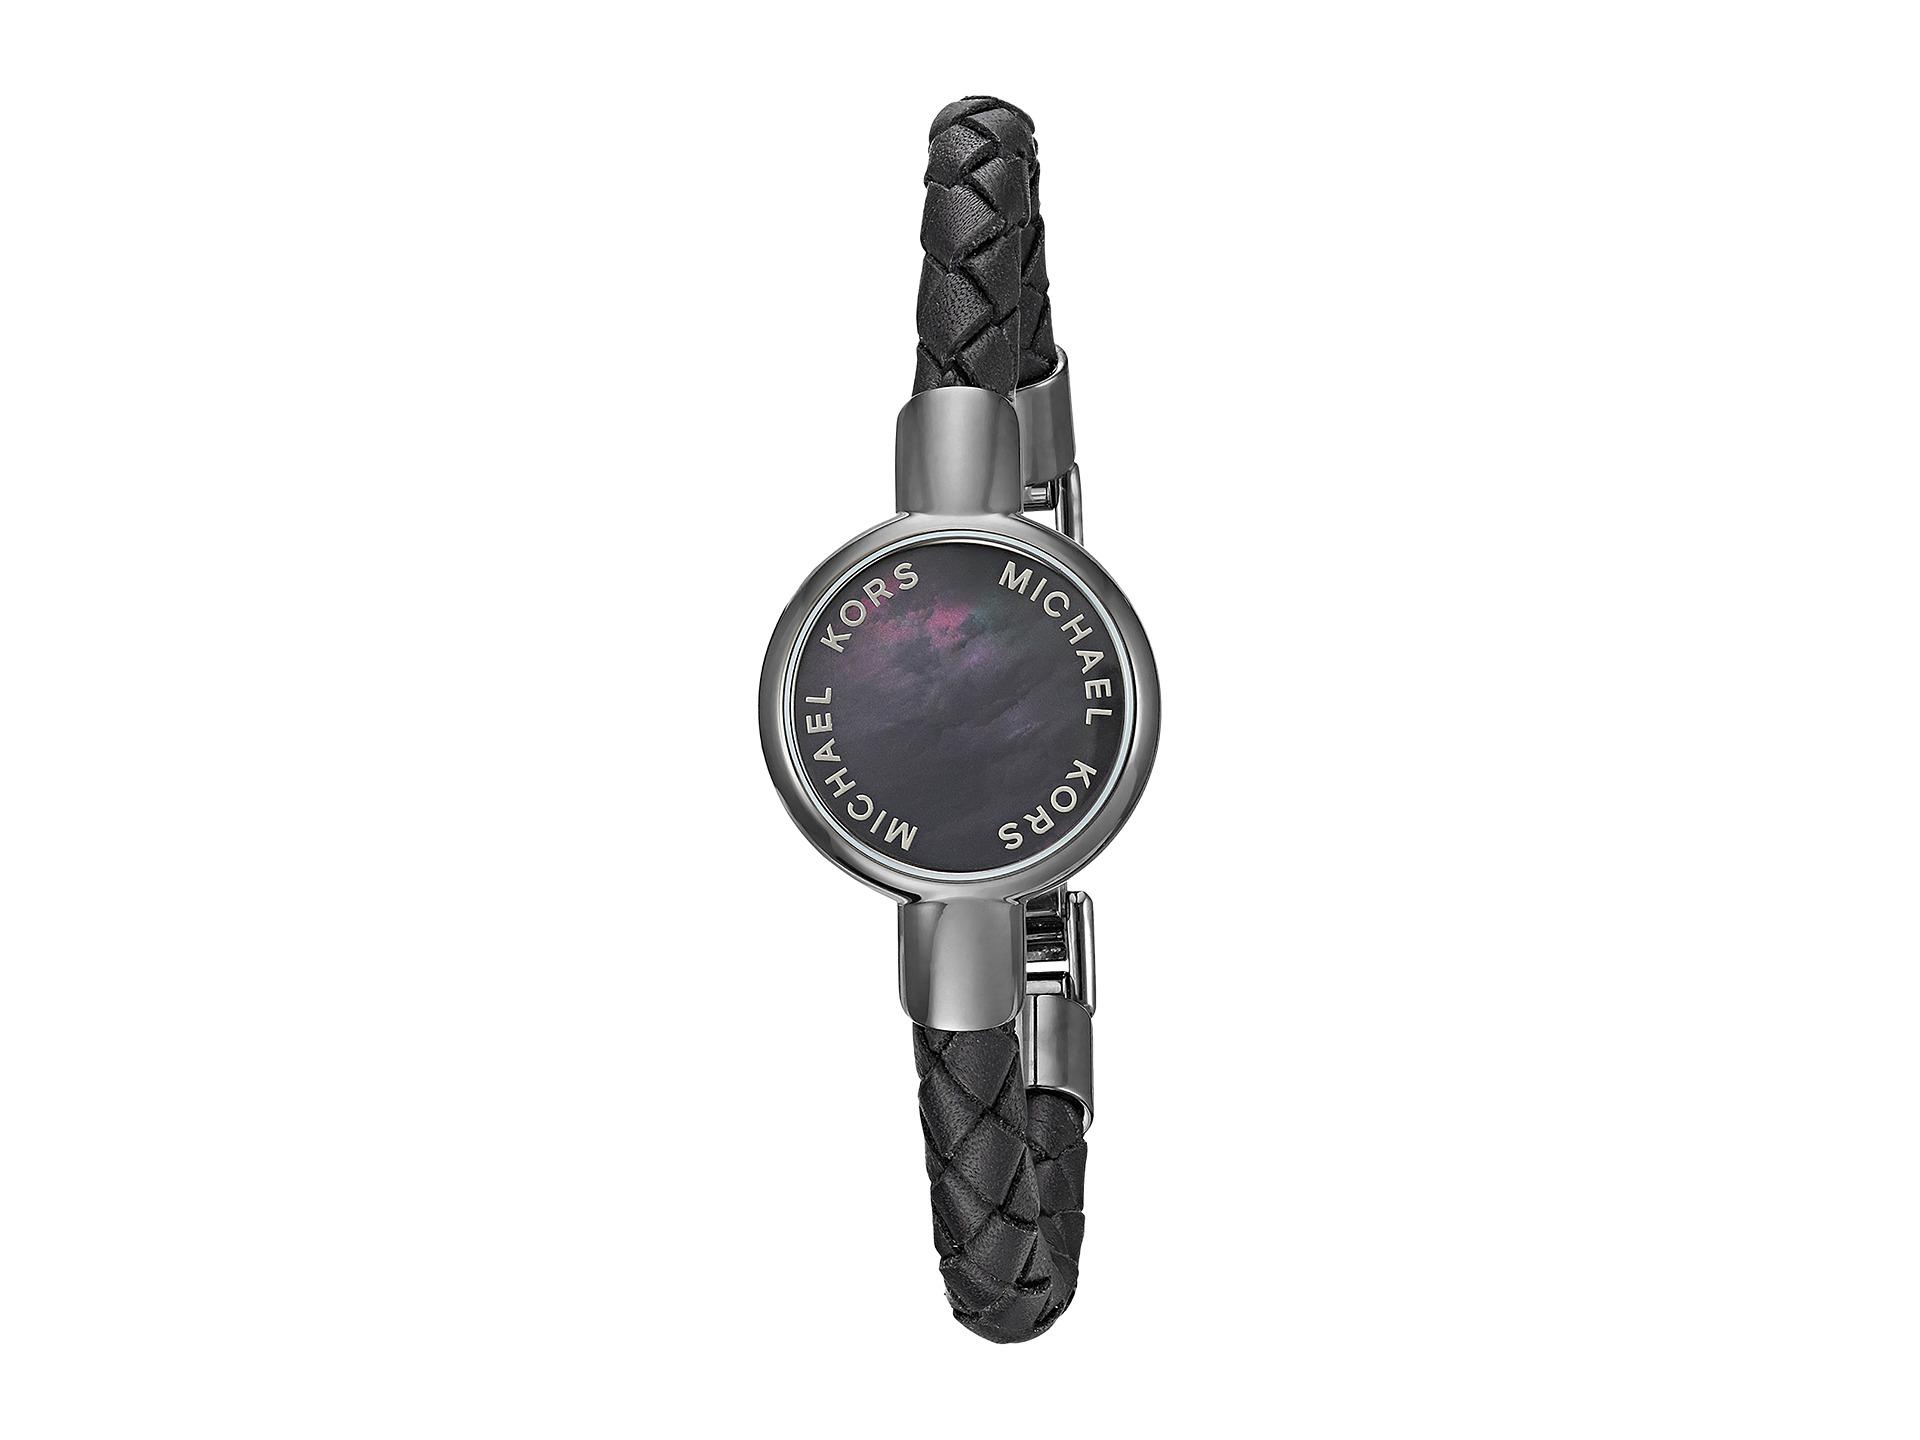 michael kors access leather tracker bracelet black. Black Bedroom Furniture Sets. Home Design Ideas